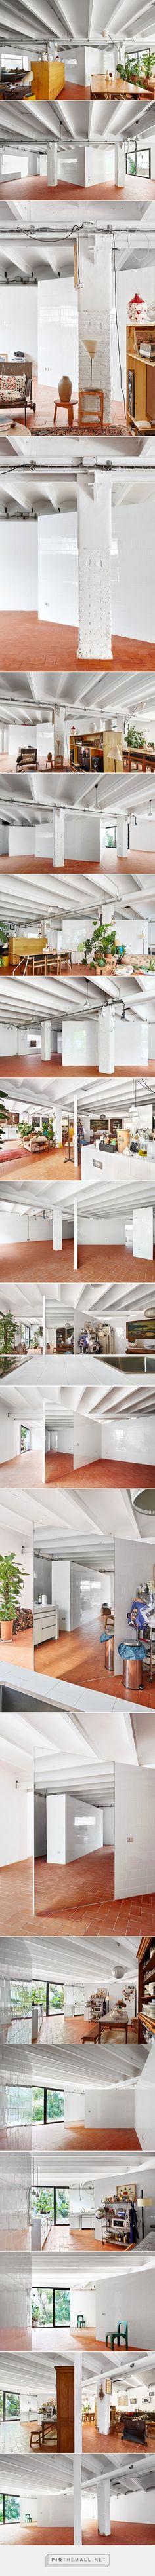 En Uso. Reforma de una vivienda en el Putxet, Barcelona | ARQUITECTURA-G